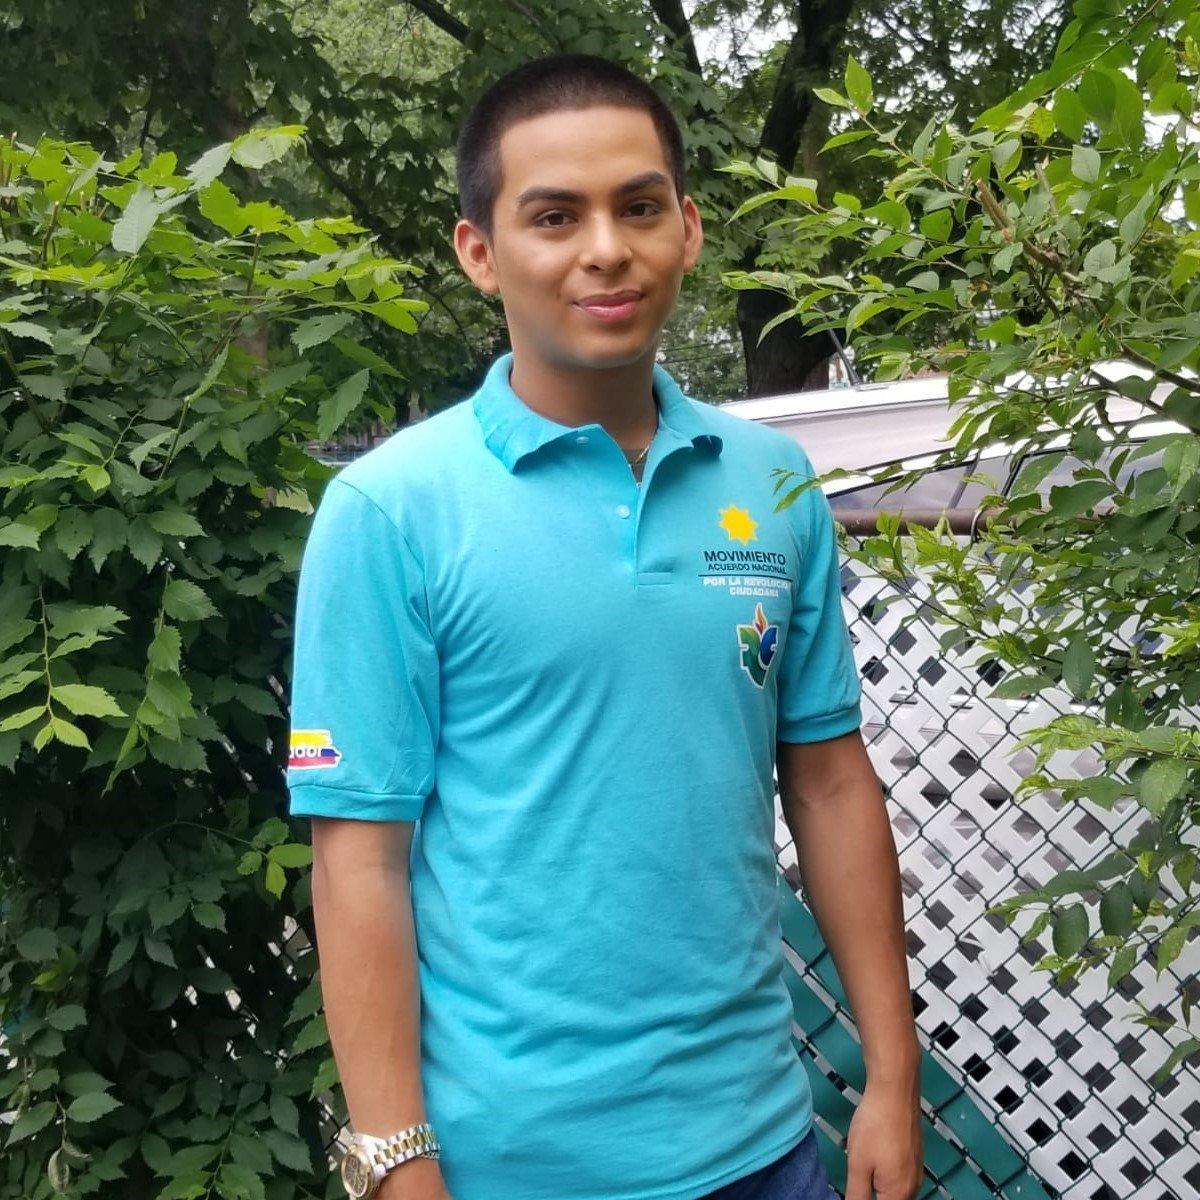 Camiseta unisex con cuello Acuerdo Nacional -Revolución Ciudadana 00001